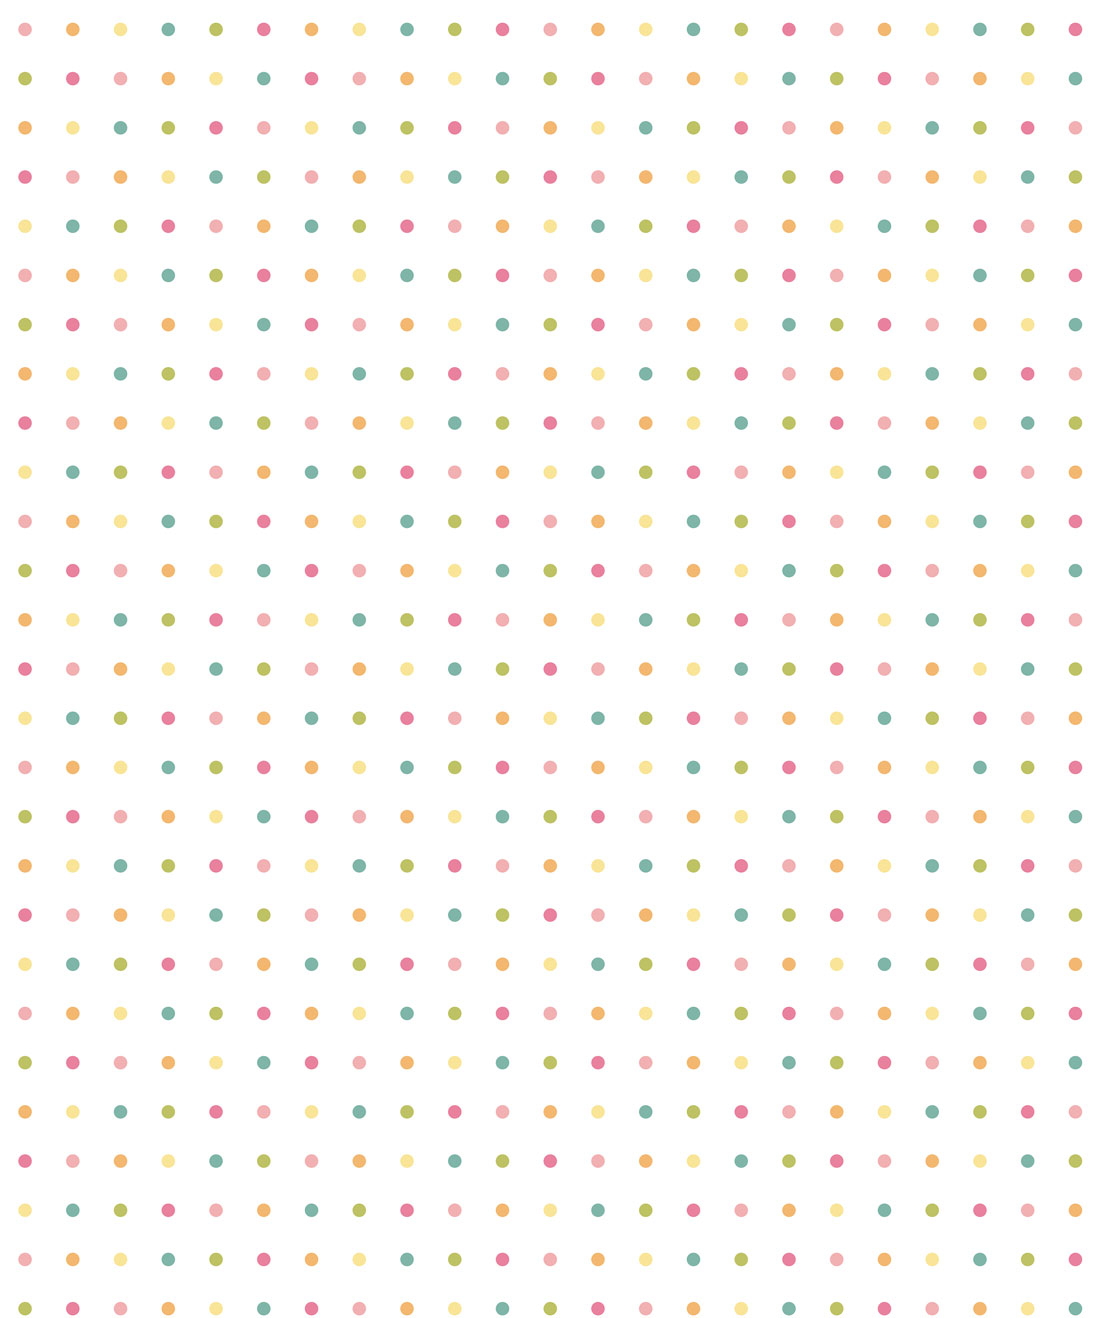 Candy Spots Wallpaper